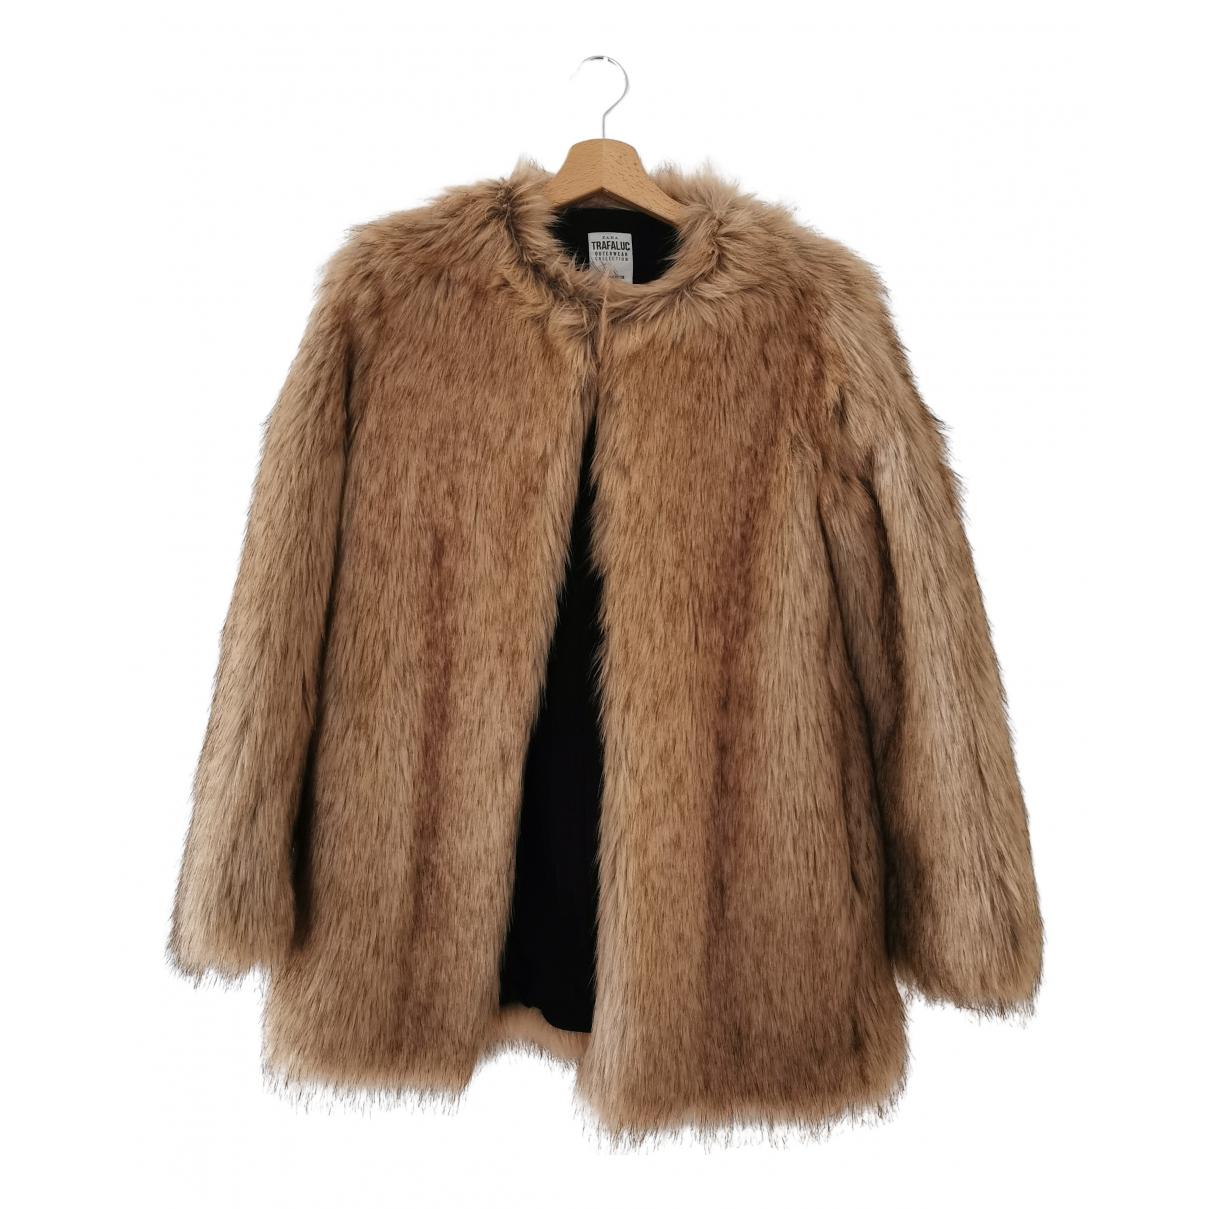 Zara - Veste   pour femme en fourrure synthetique - beige